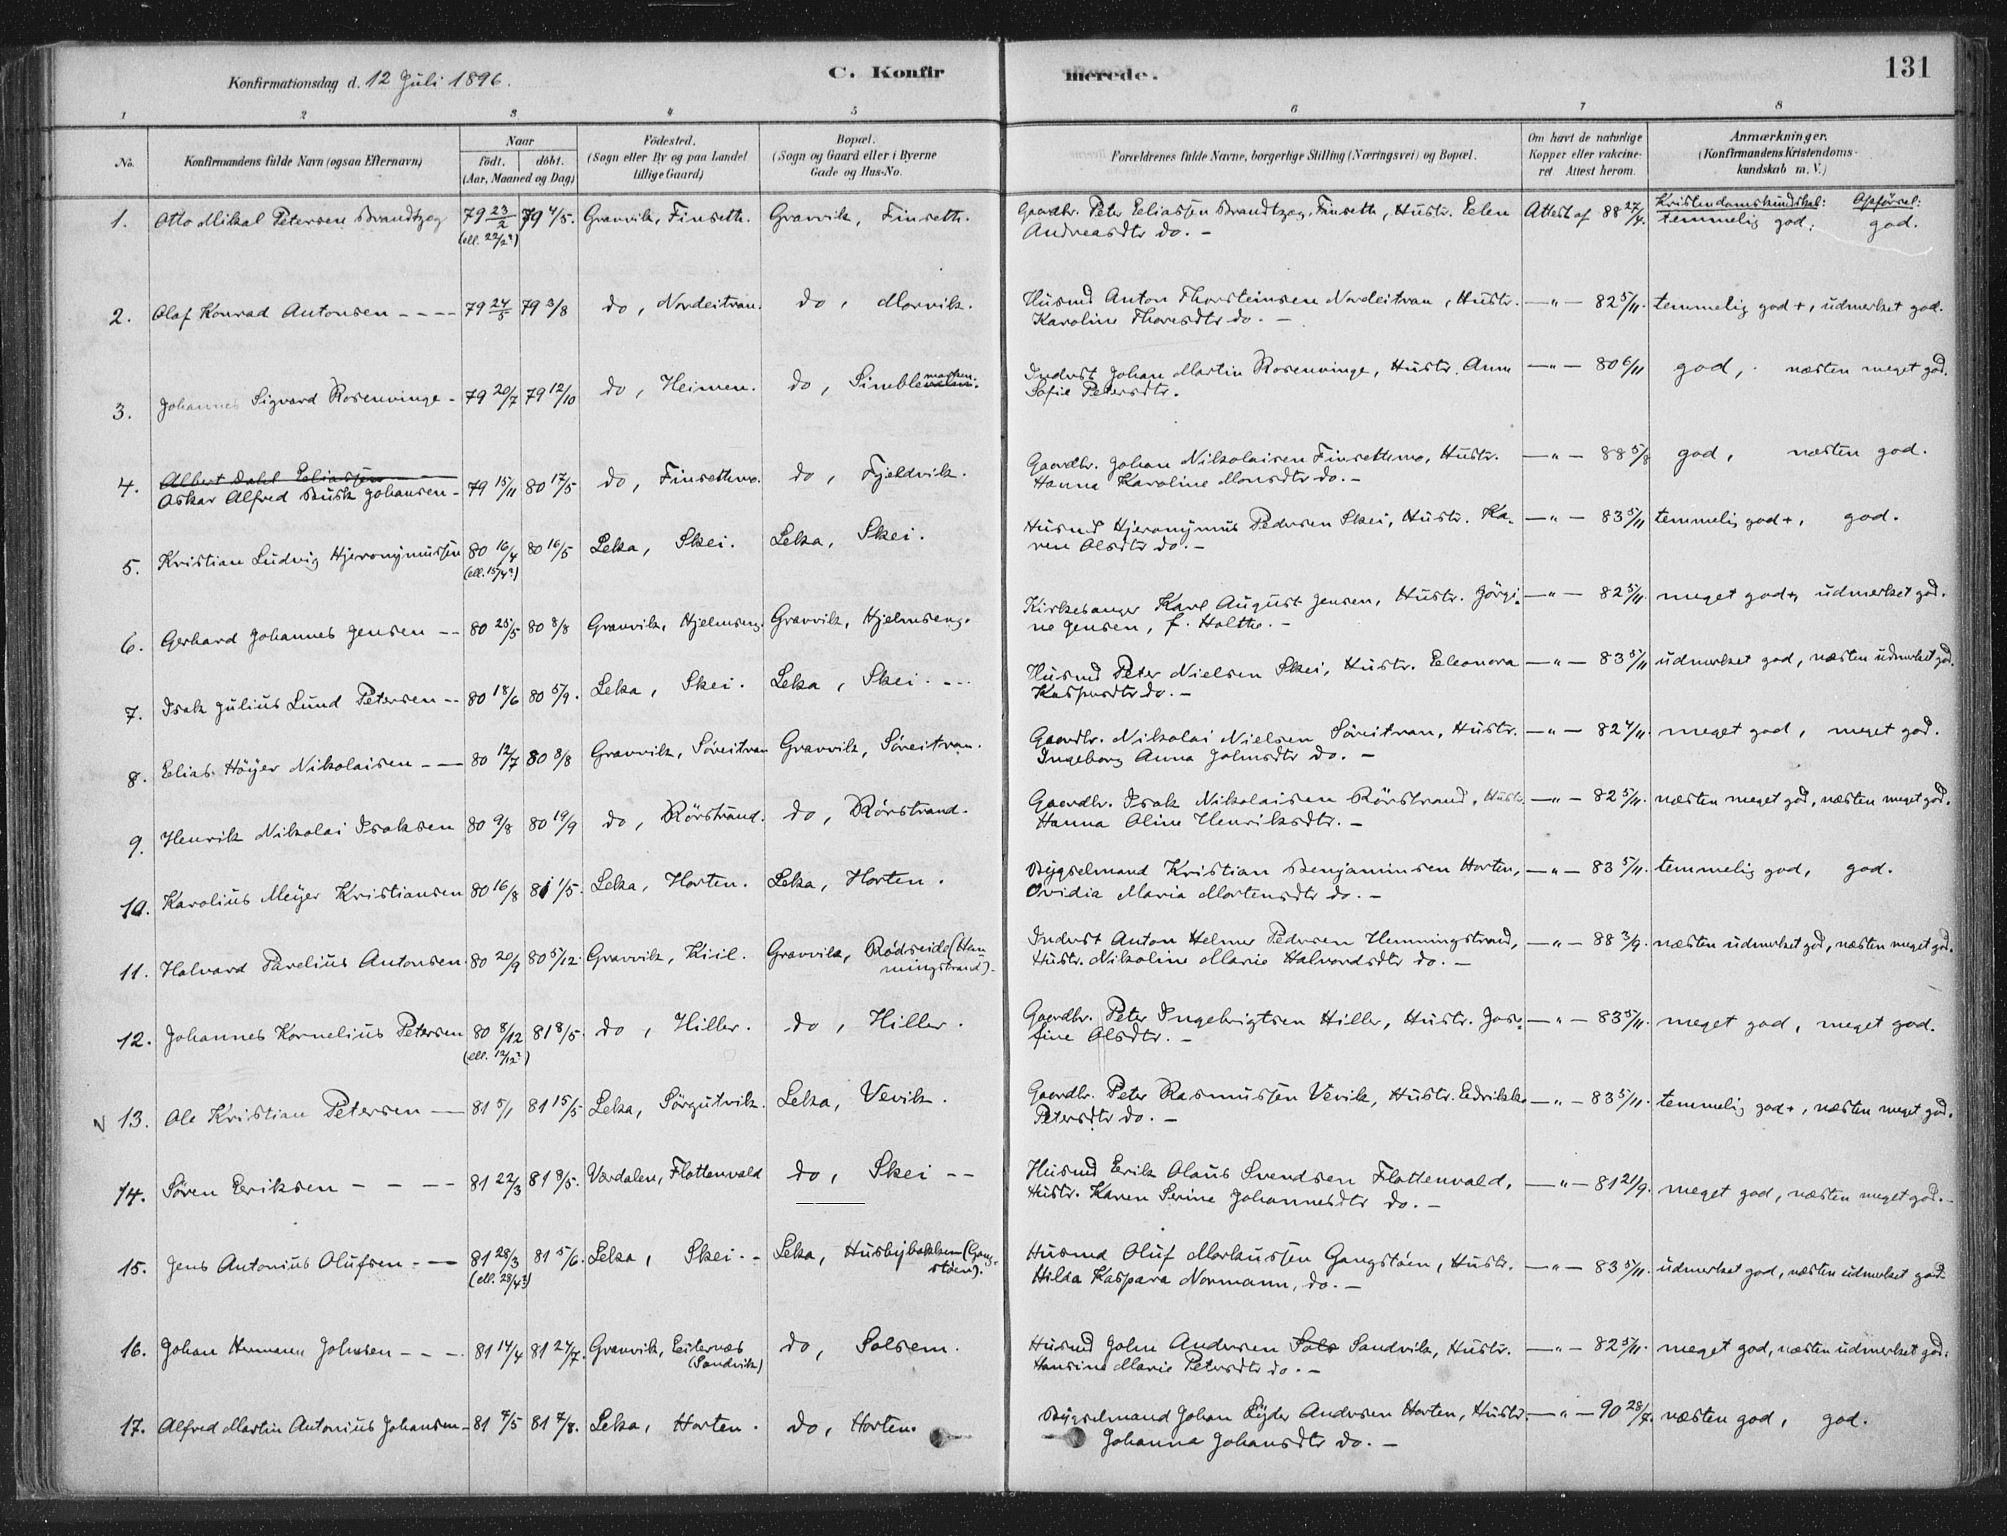 SAT, Ministerialprotokoller, klokkerbøker og fødselsregistre - Nord-Trøndelag, 788/L0697: Ministerialbok nr. 788A04, 1878-1902, s. 131